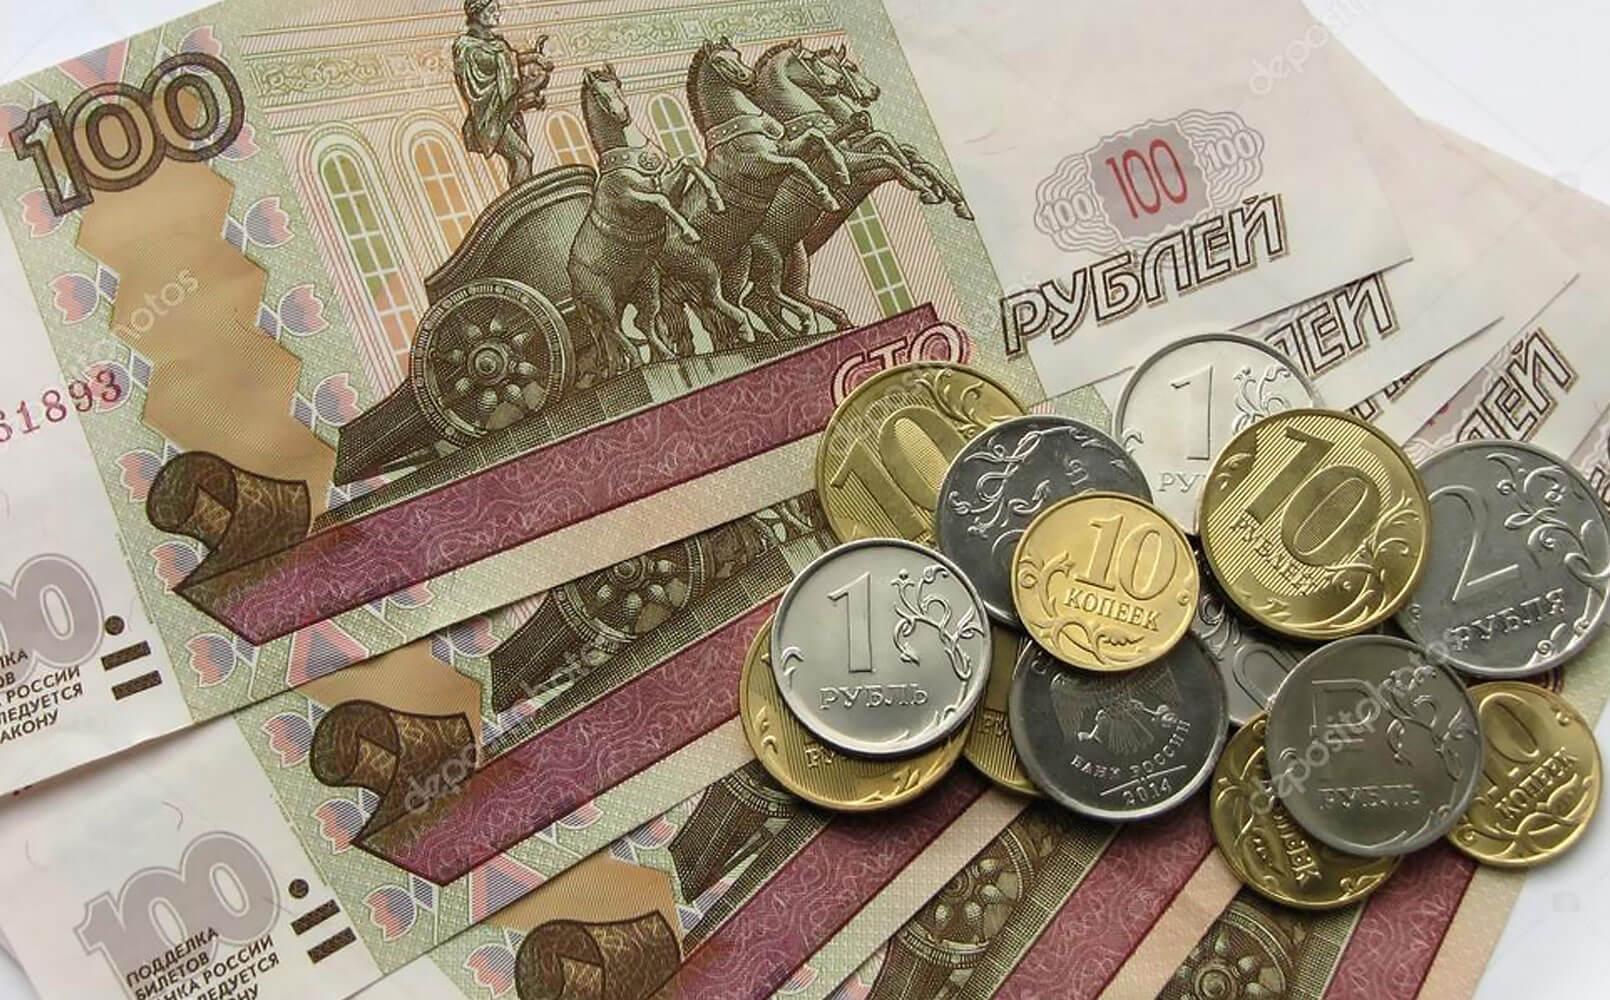 Появление денег, фото 100 рублей